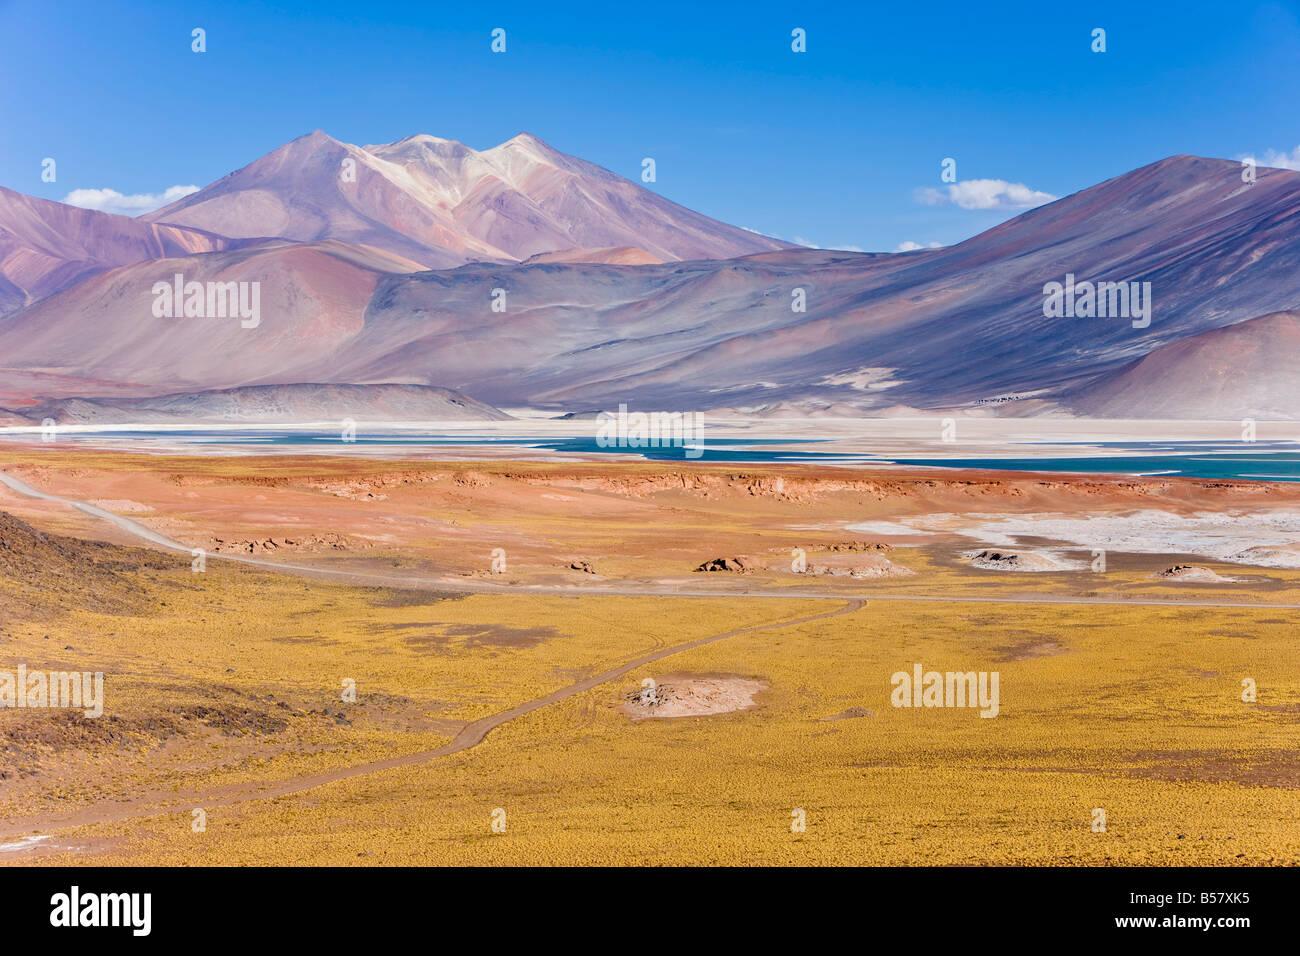 L'altiplano, la réserve nationale Los Flamencos, Désert d'Atacama, région d'Antofagasta, Photo Stock